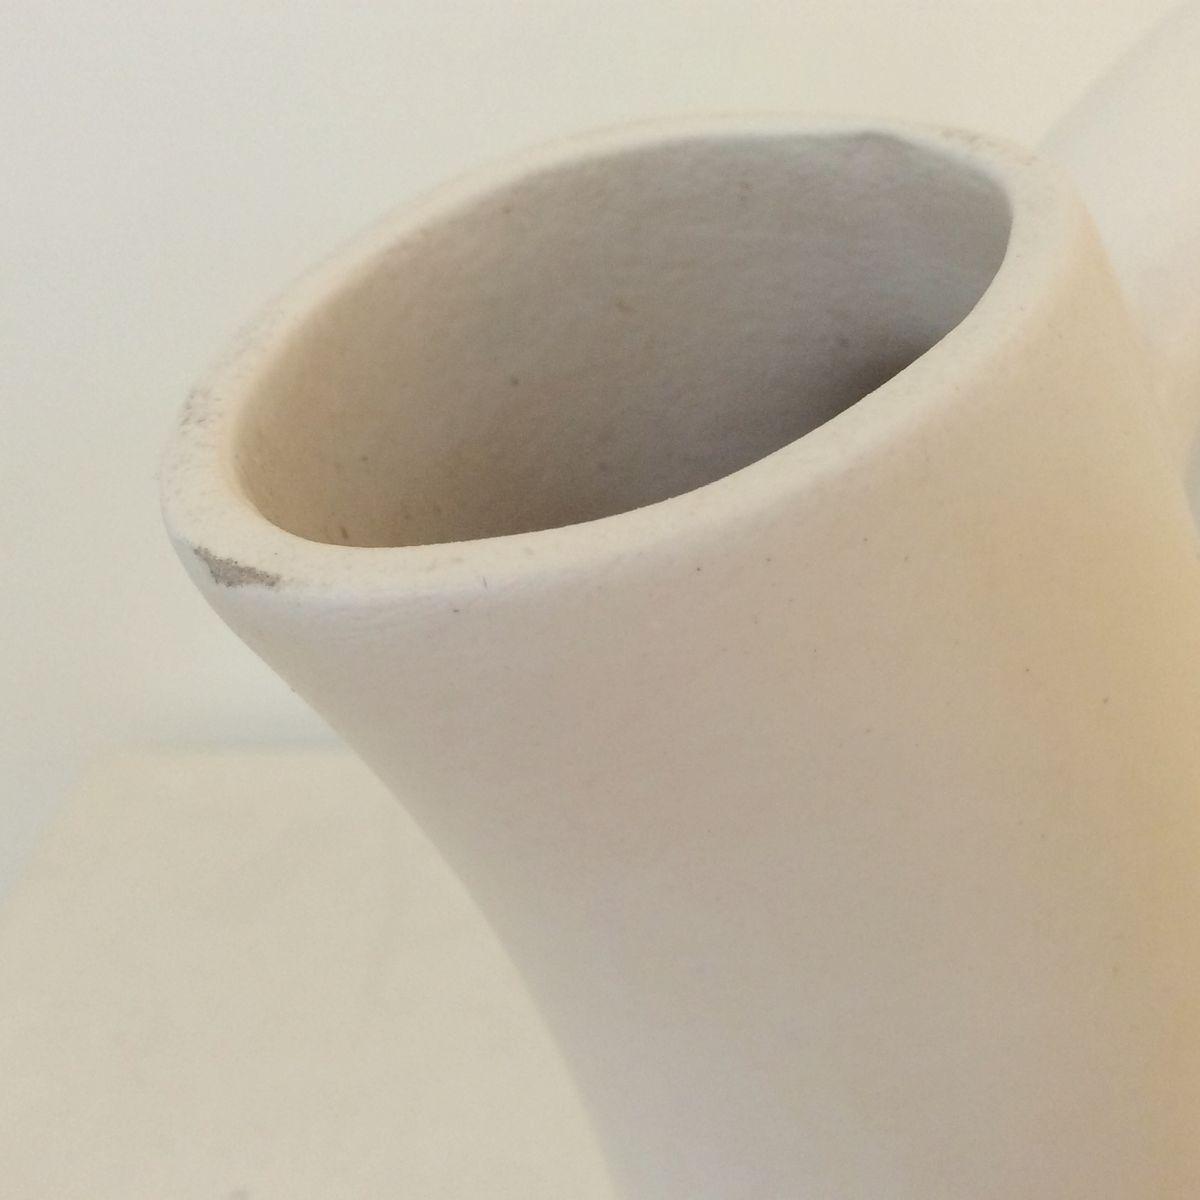 wei glasierte mid century keramik vase von andr baud bei. Black Bedroom Furniture Sets. Home Design Ideas